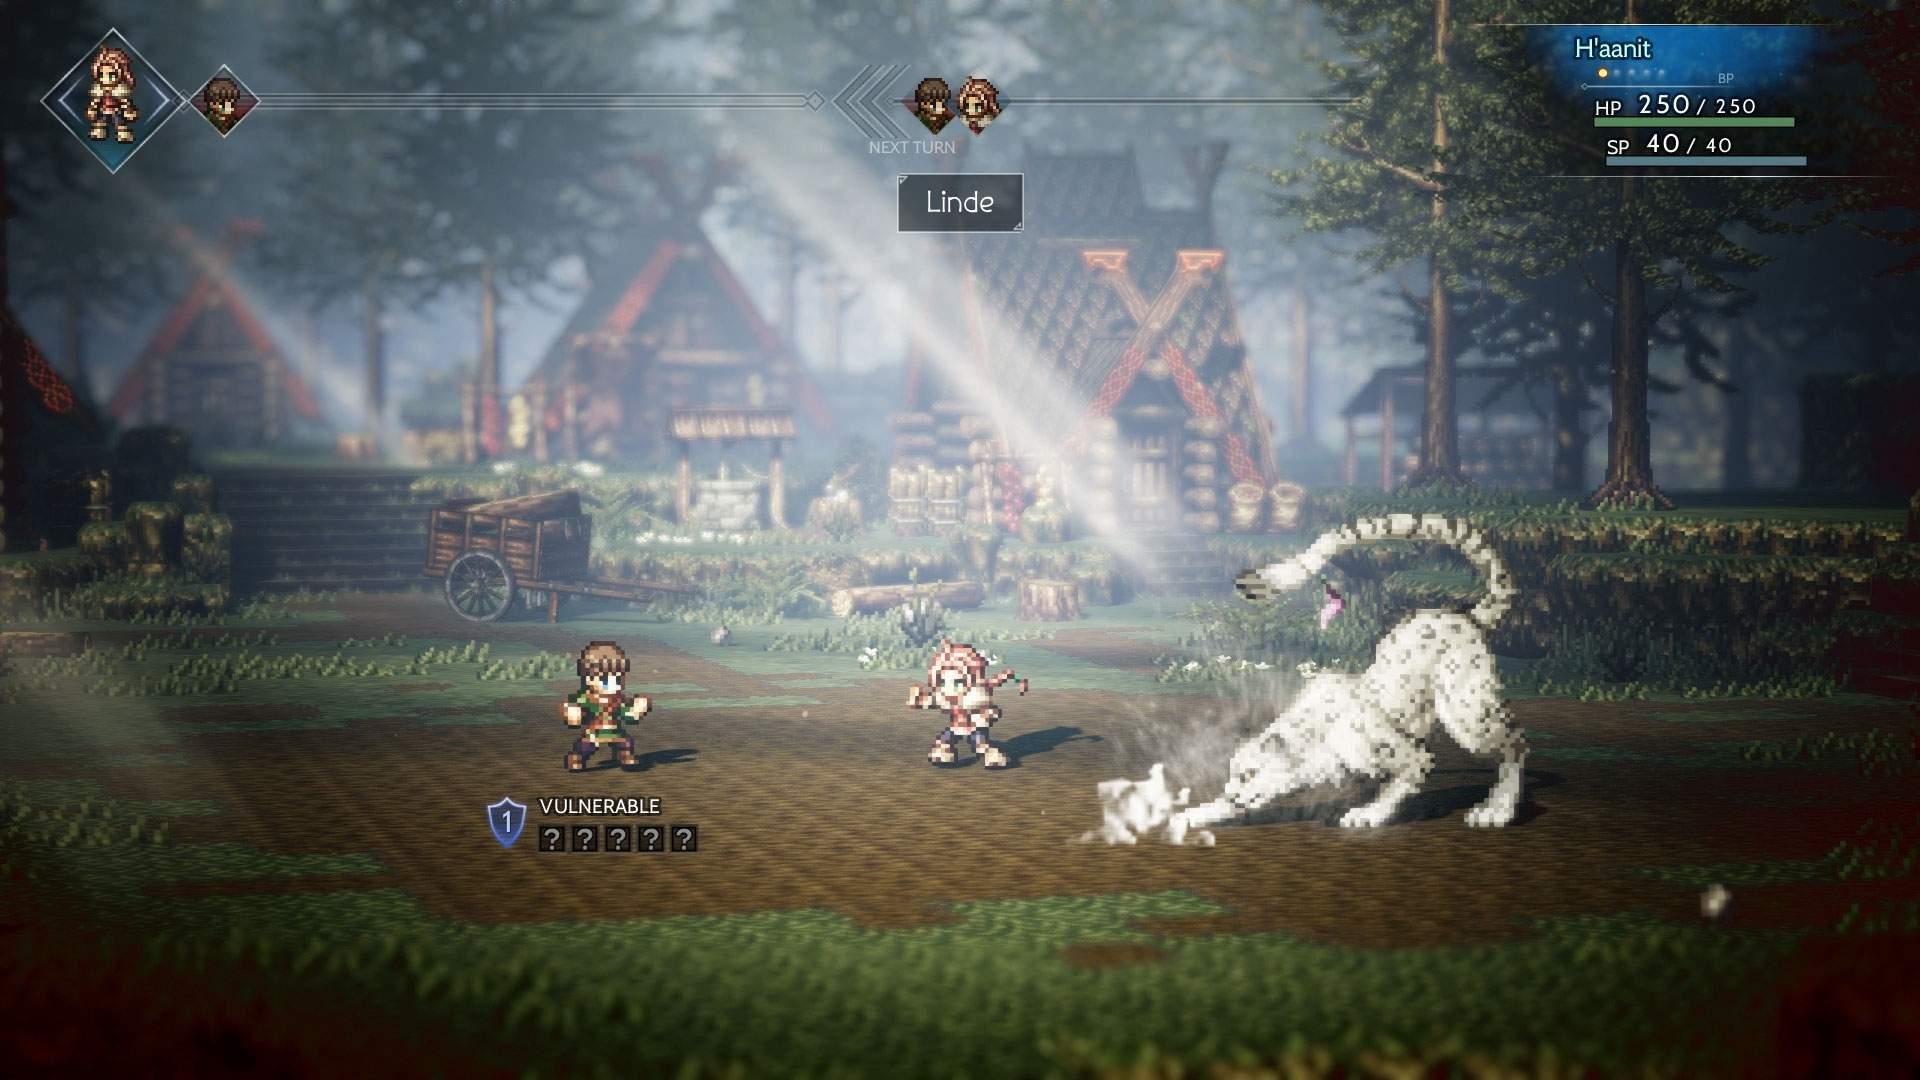 Der Screenshot zeigt H'aanit im rundenbasierten Kampf auf einer Farm.